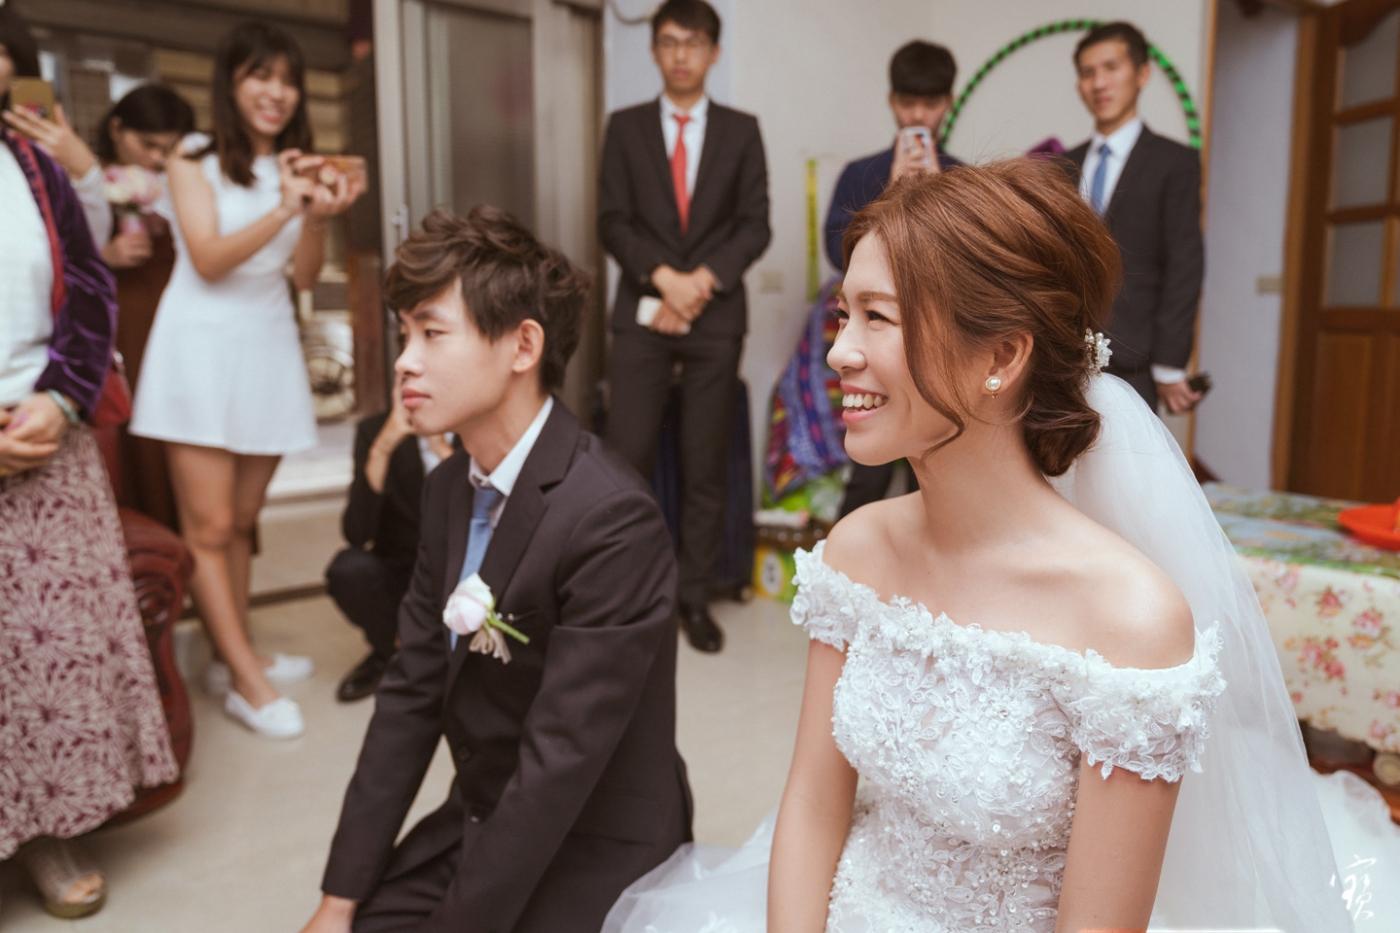 婚禮攝影 新竹彭園 冬伴影像 攝影師大寶 婚紗攝影 新娘新郎 早儀午宴20181125-88